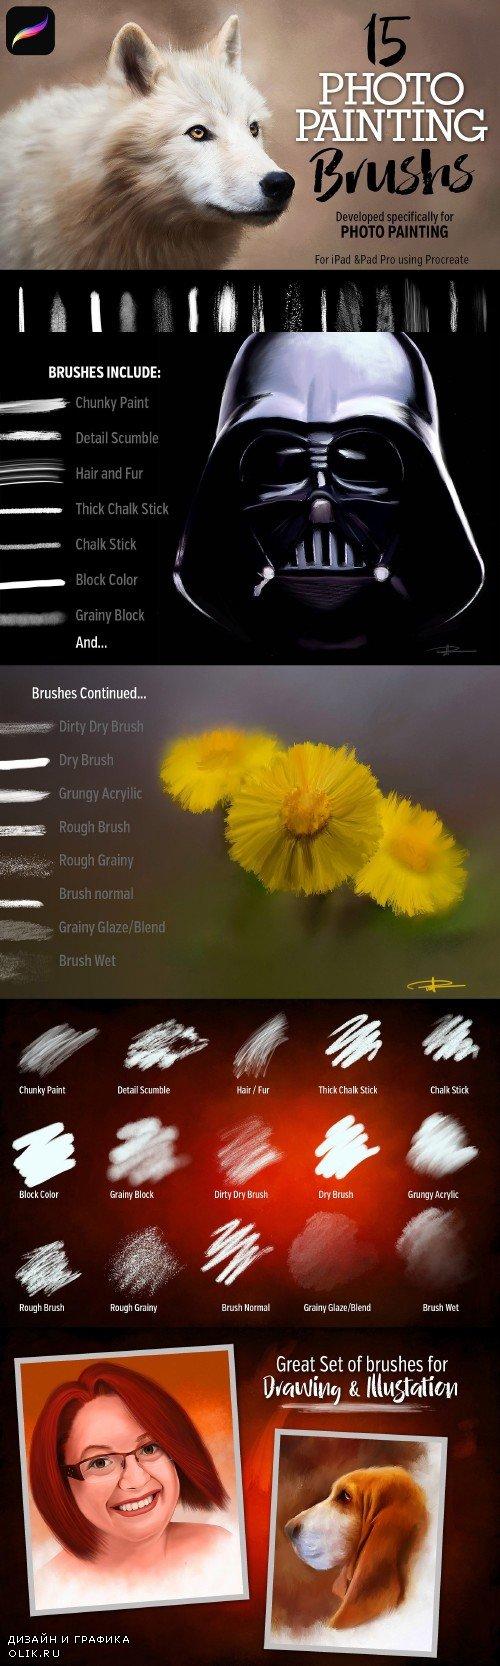 15 Photo Painting Brushes - 2735307